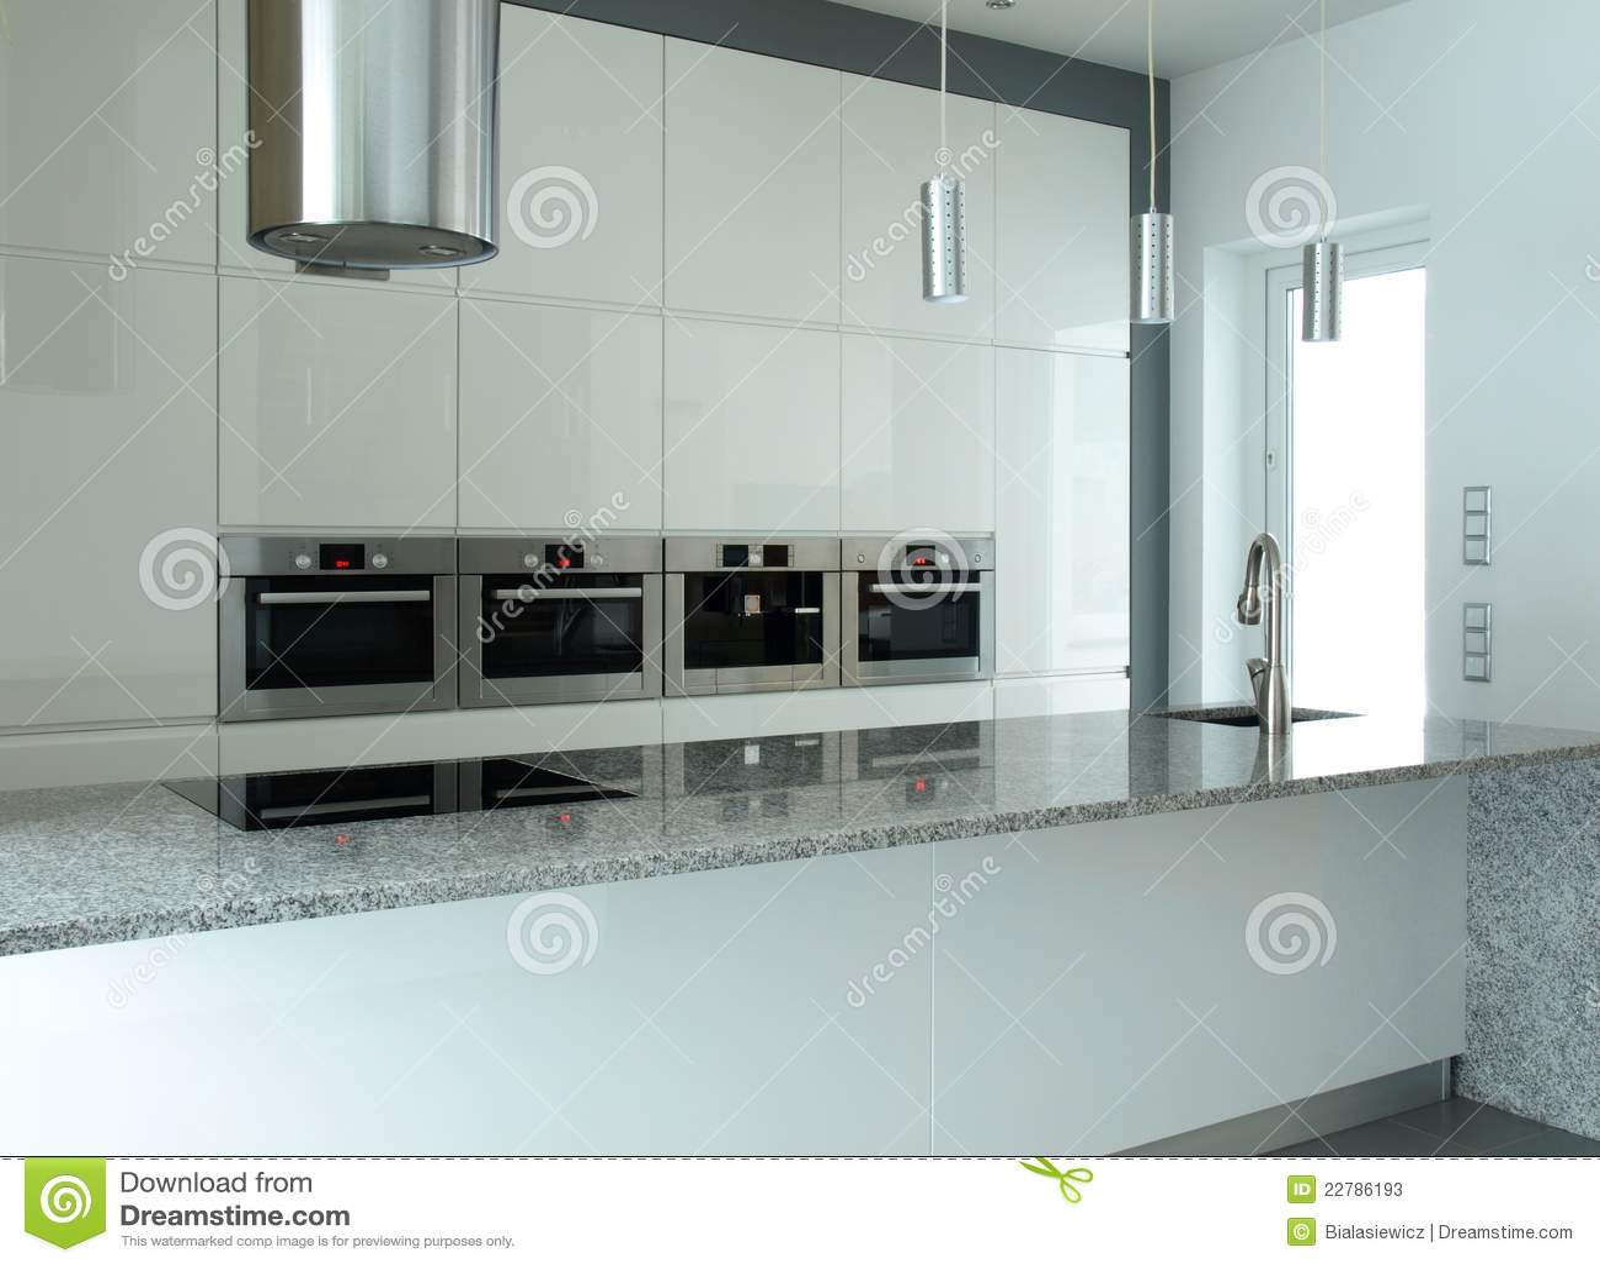 Cuisine moderne dans blanc et le gris avec la partie supérieure du